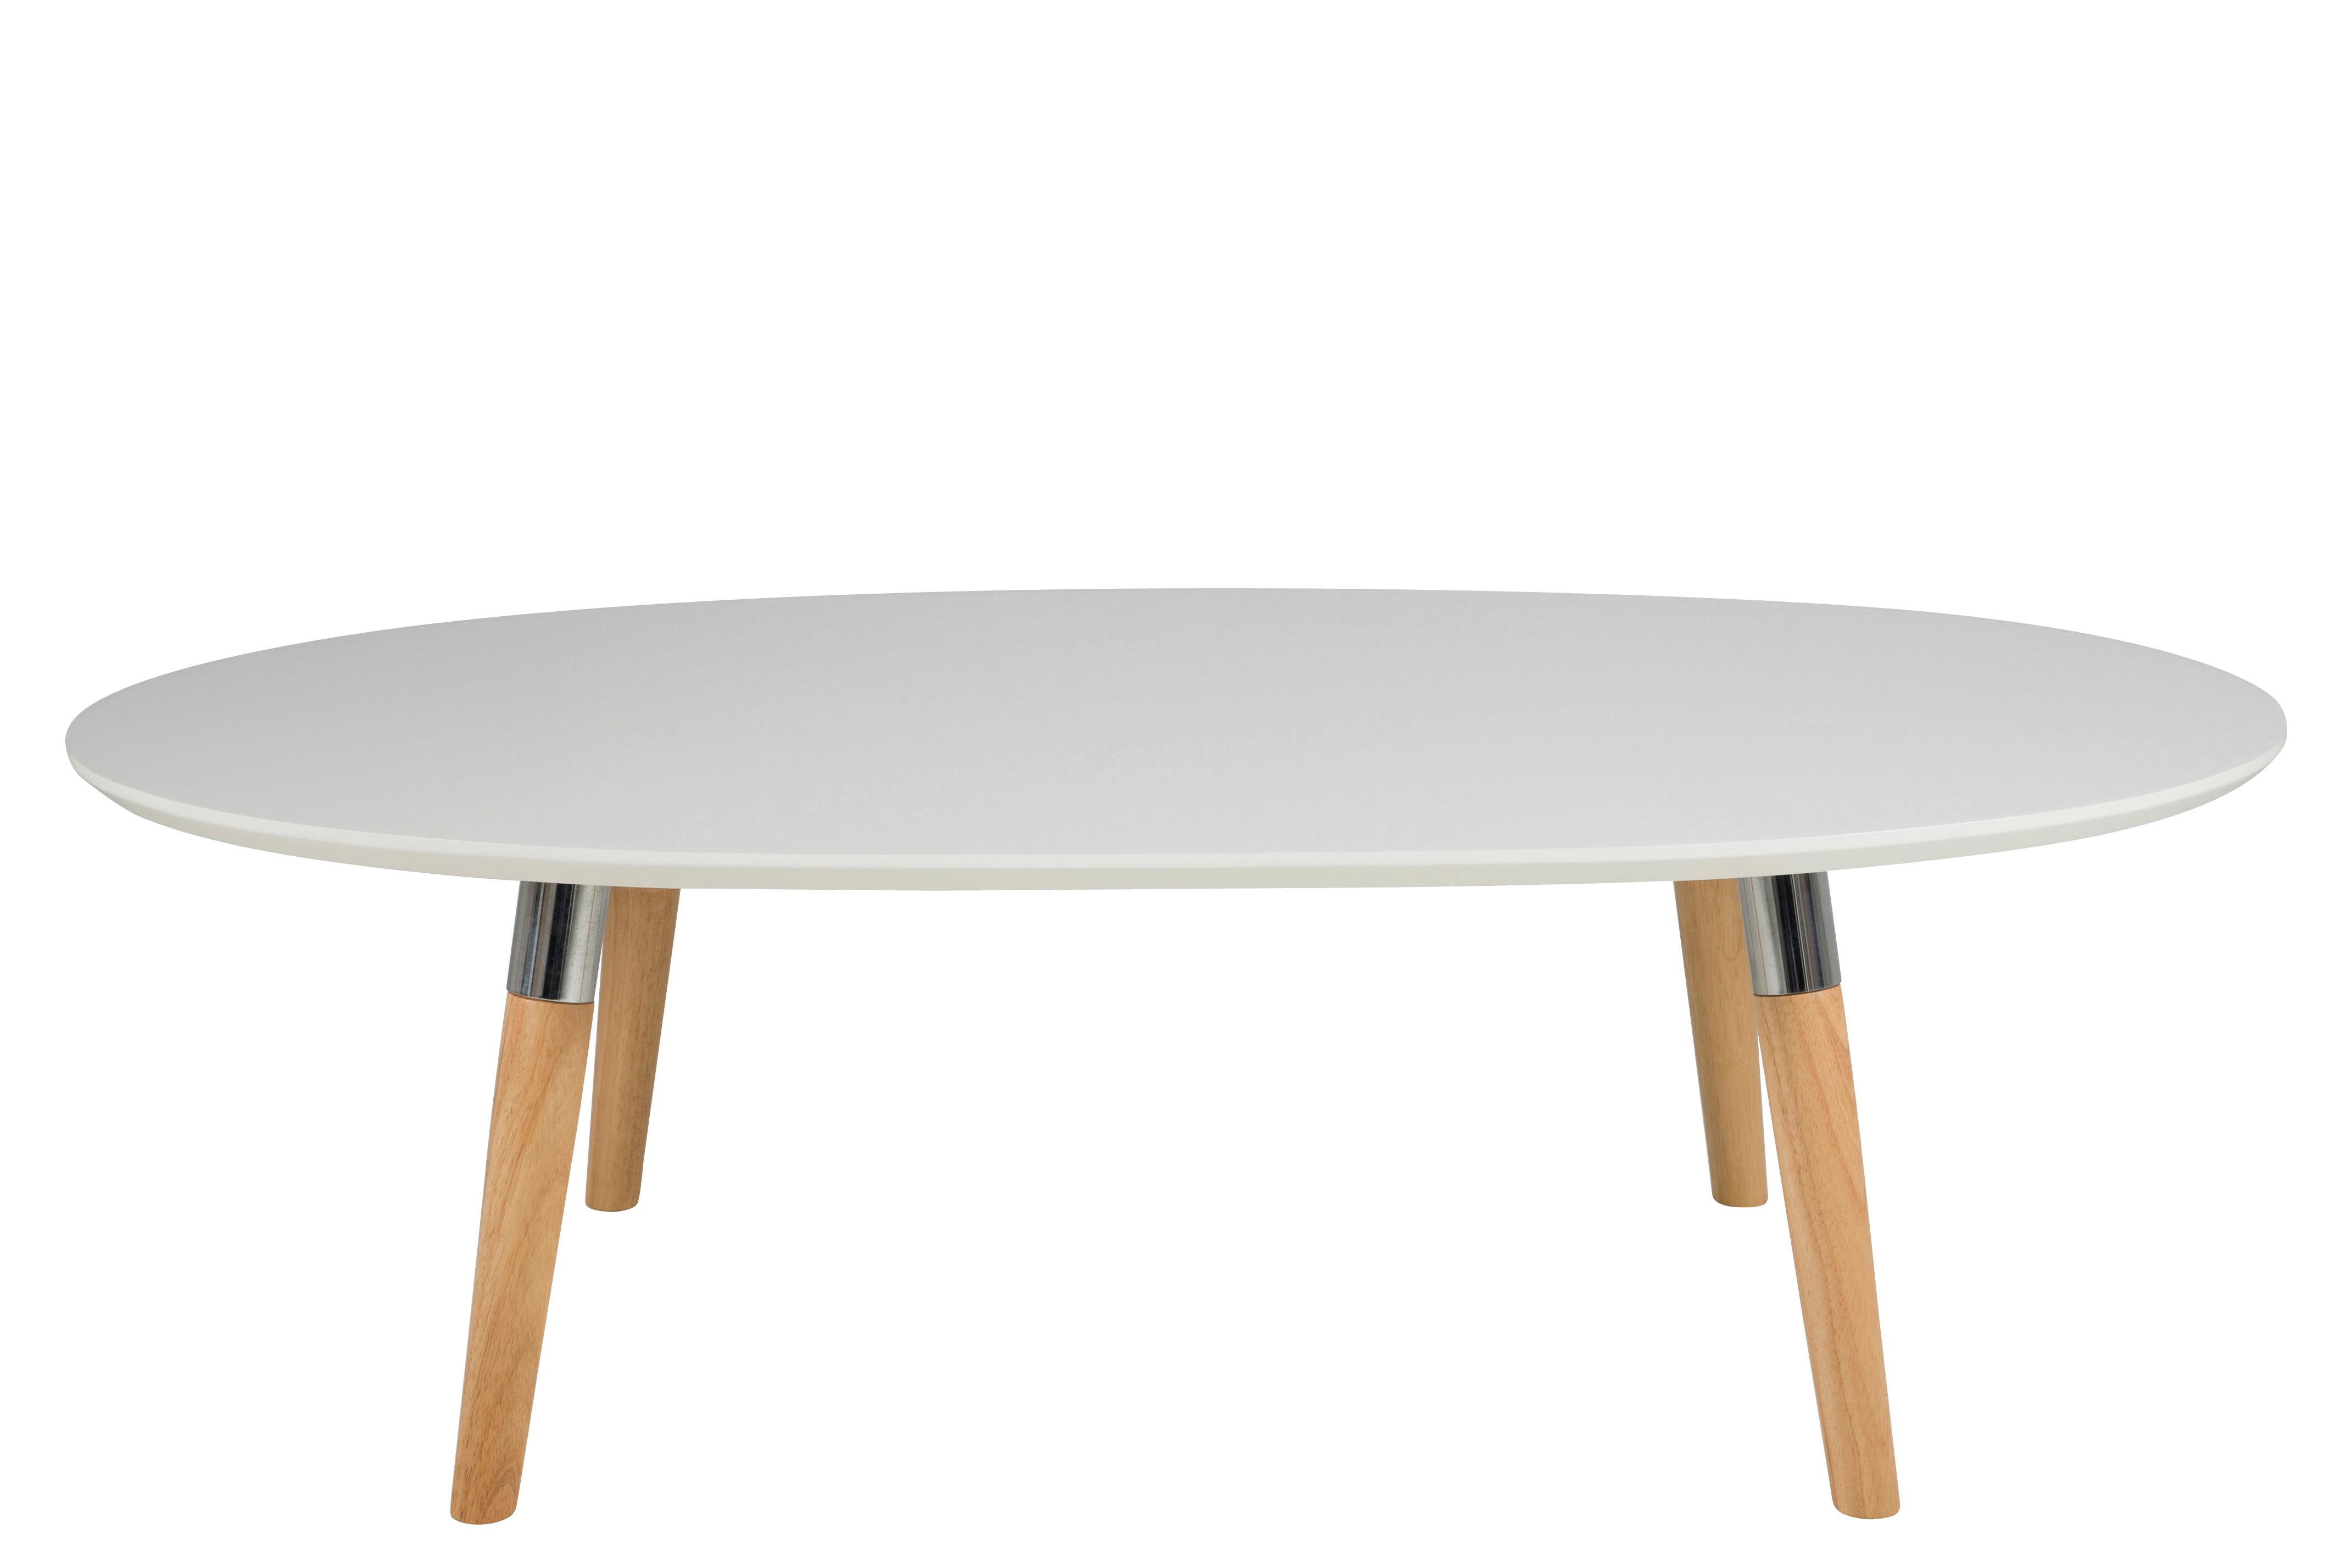 Salontafel Scandinavisch Design : Scandinavisch interieur meubeldeals